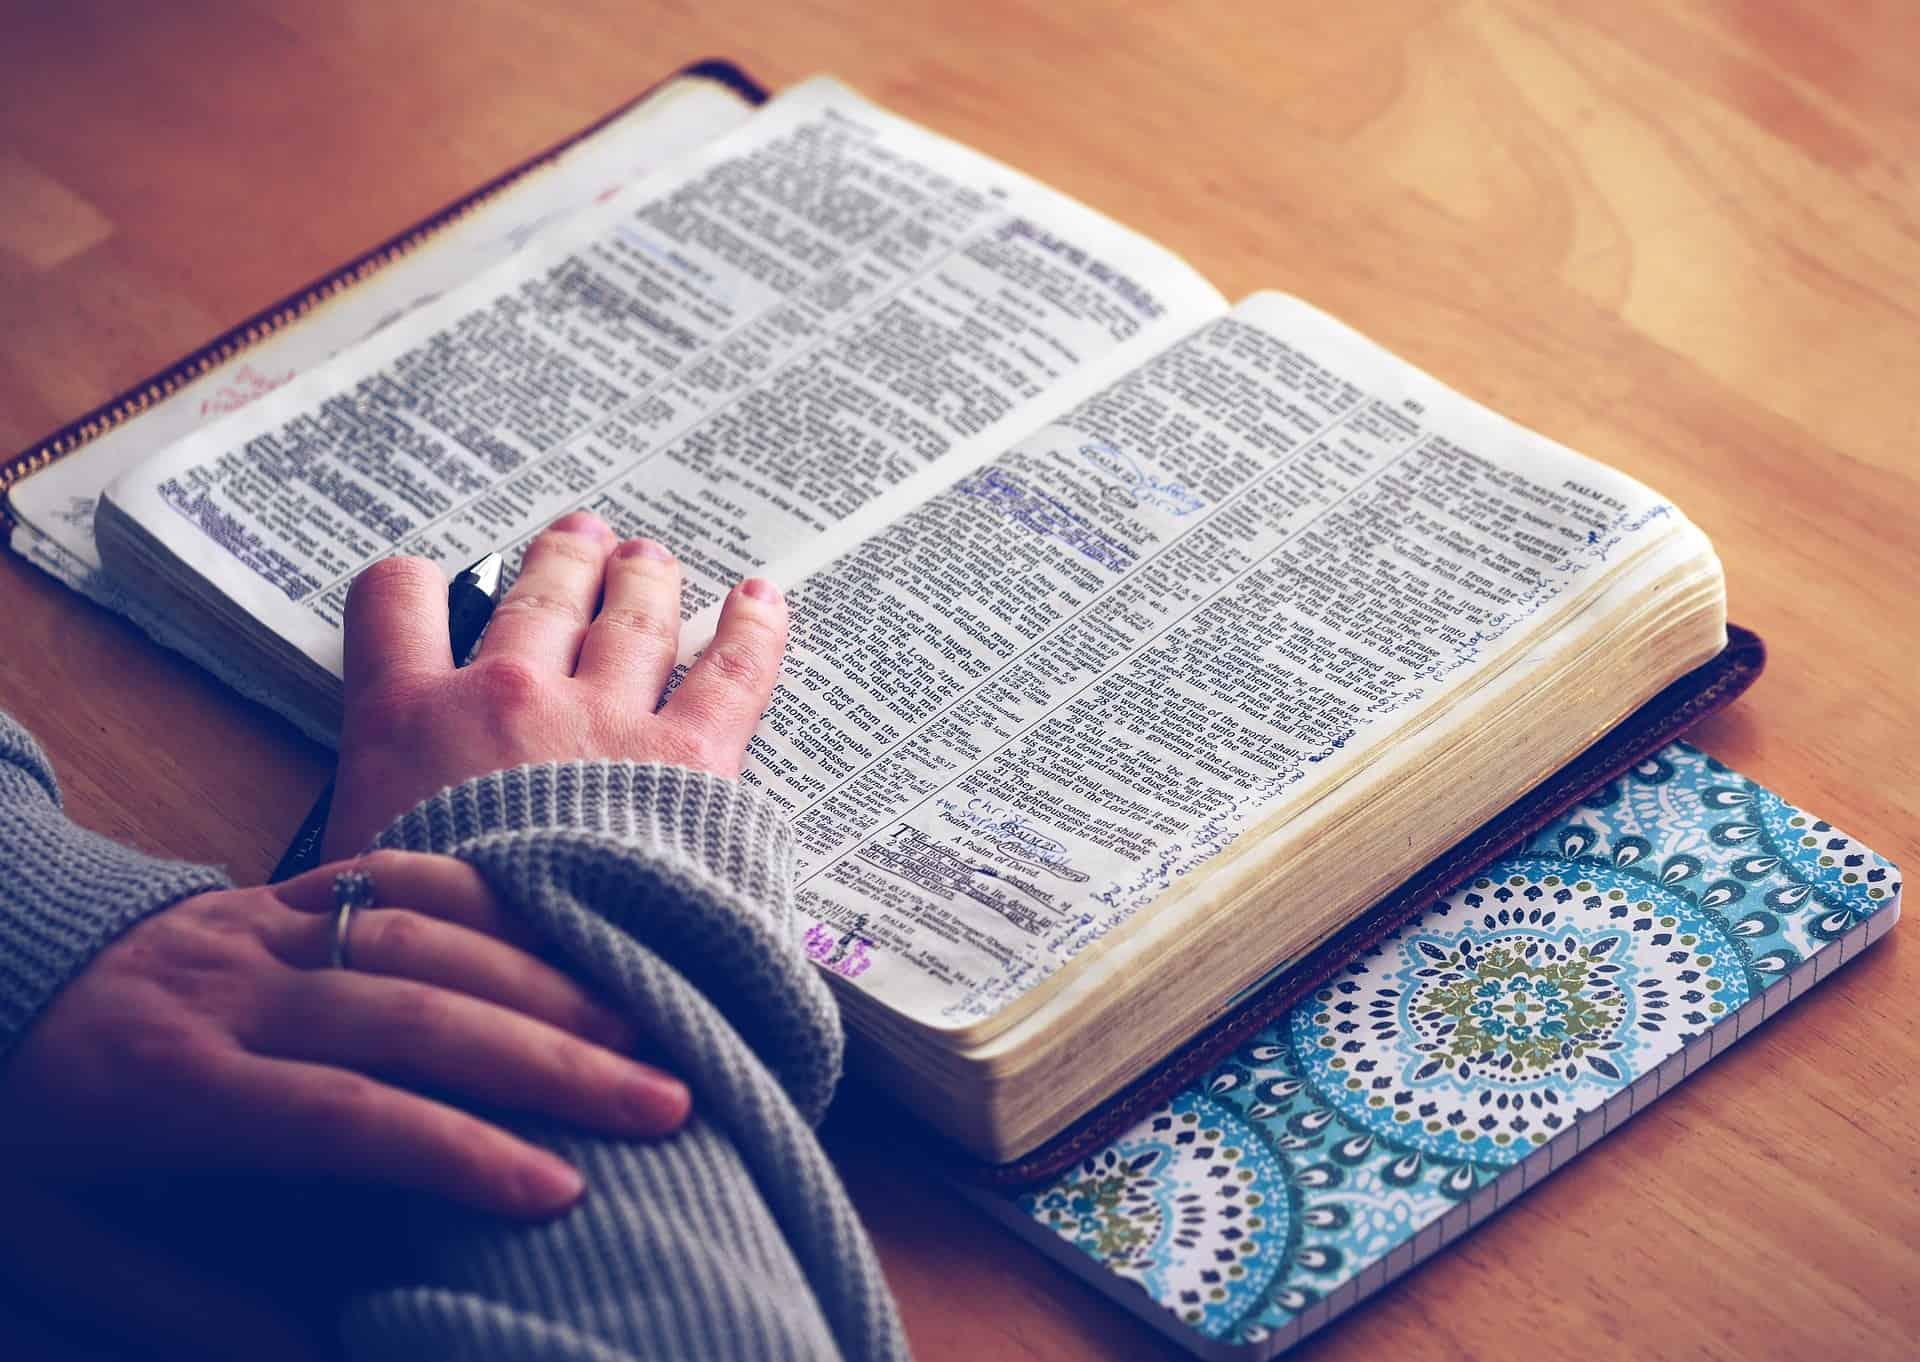 Biblia Reina Valera: ¿Cuál es la mejor del 2020?